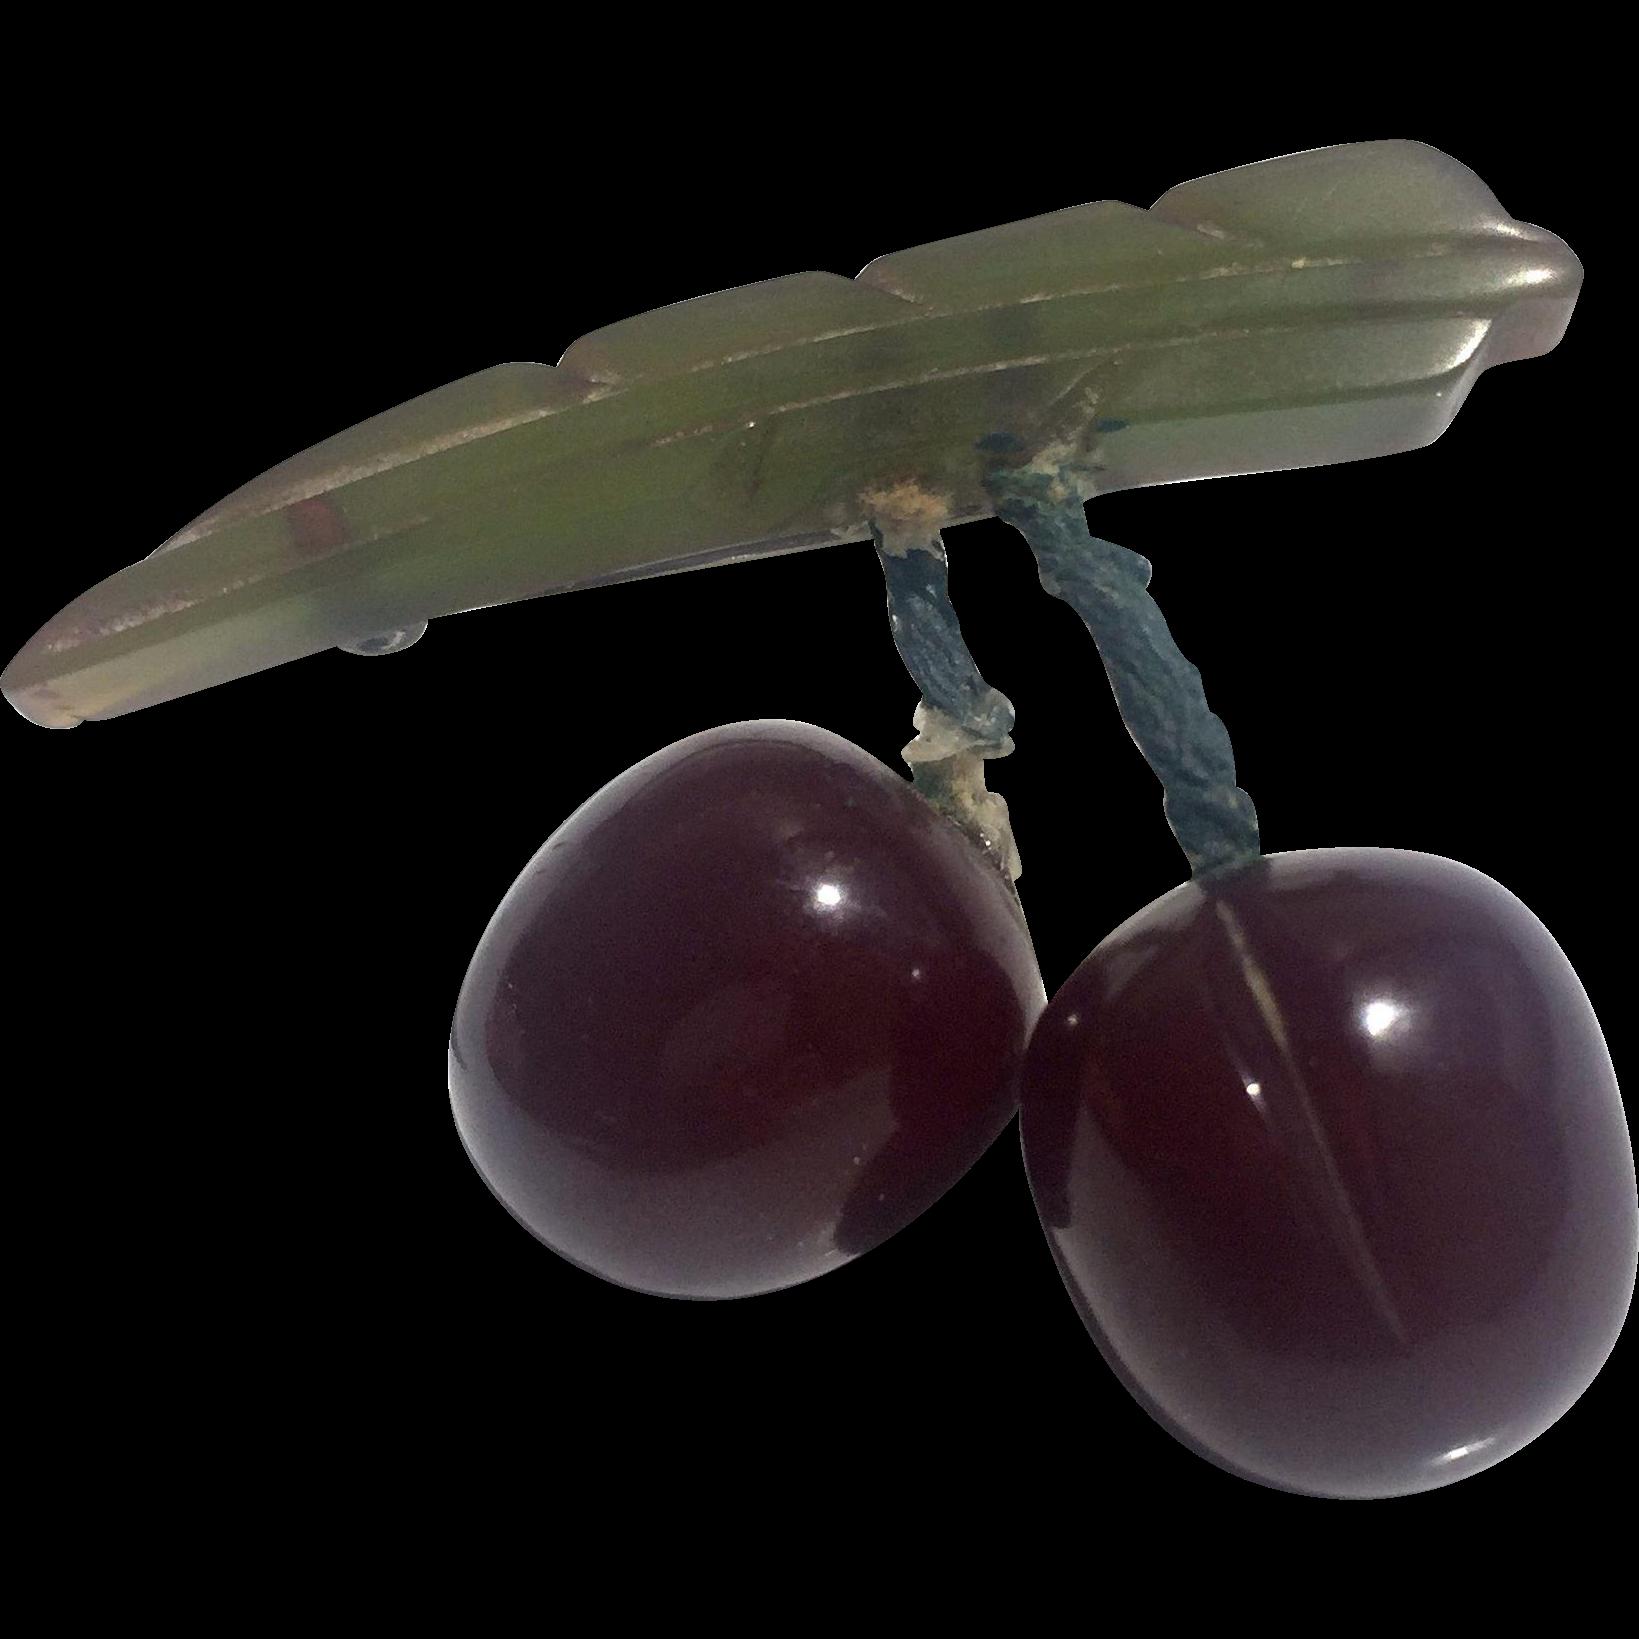 Bakelite Carved Cherries on a Bakelite Green Leaf Brooch